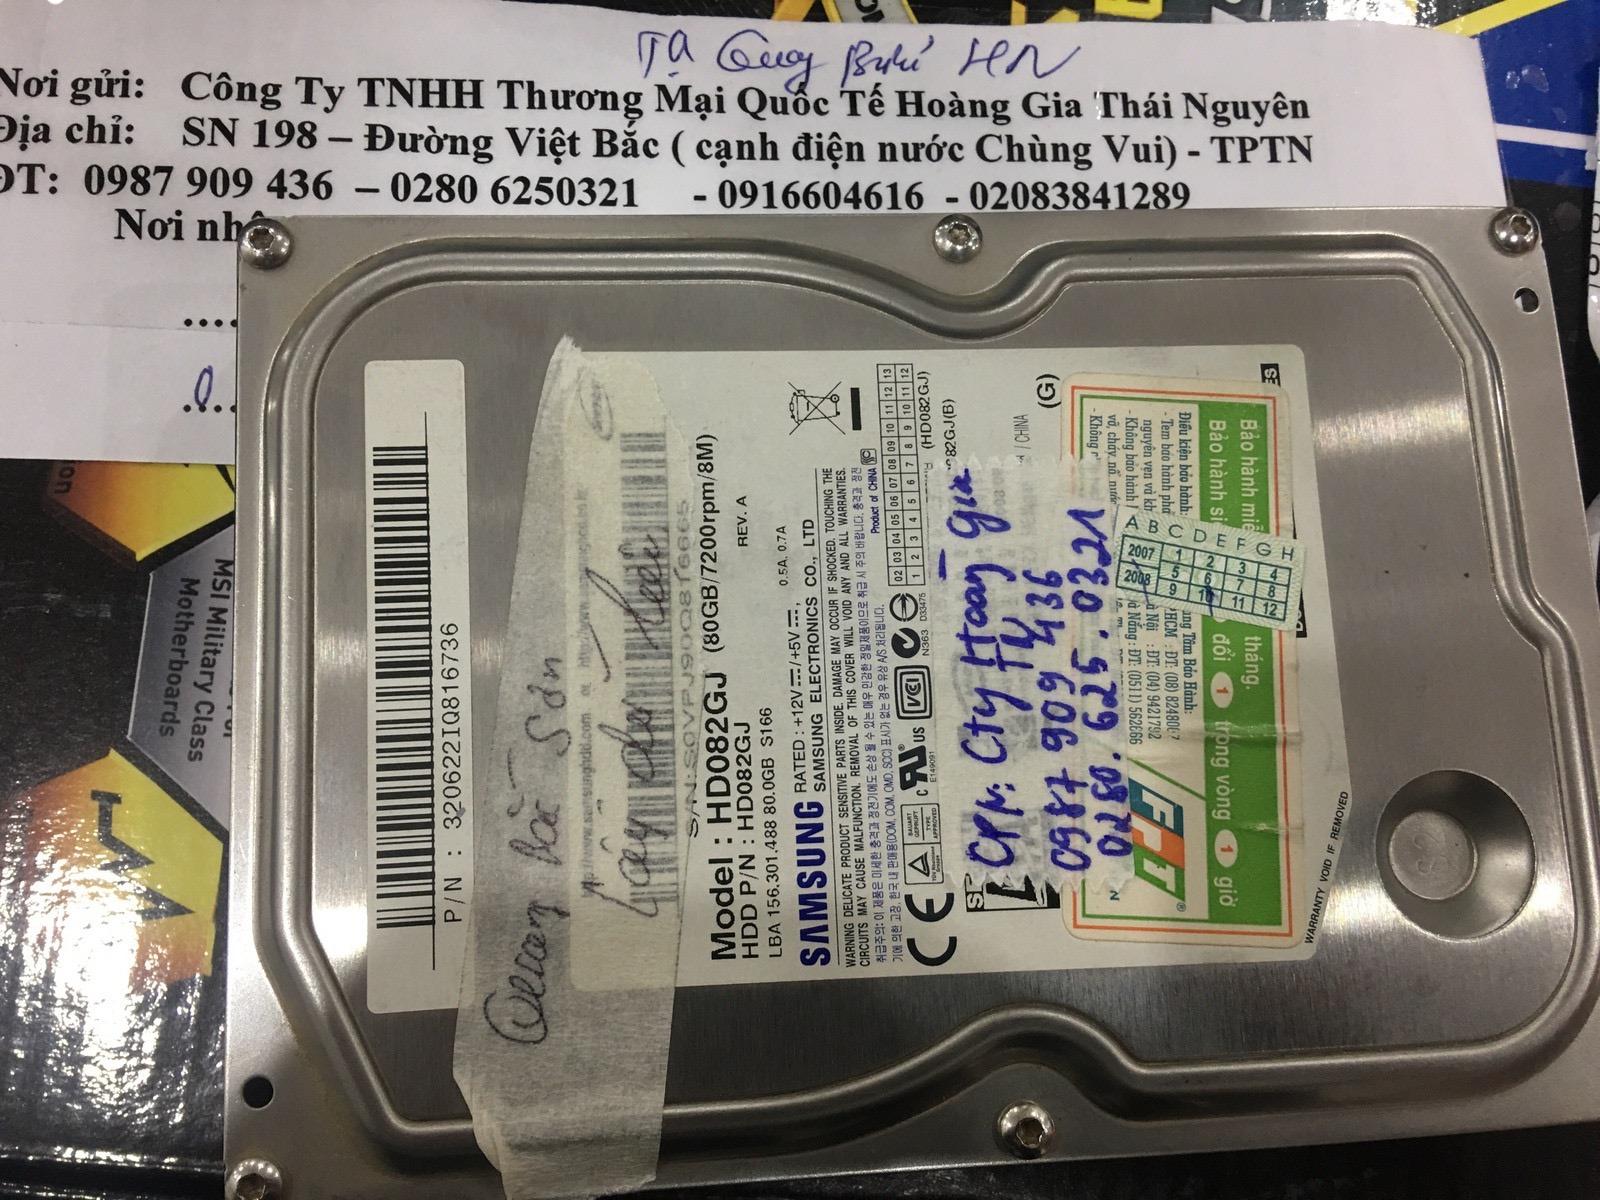 Phục hồi dữ liệu ổ cứng Samsung 80GB không nhận tại Thái Nguyên18/03/2020 - cuumaytinh